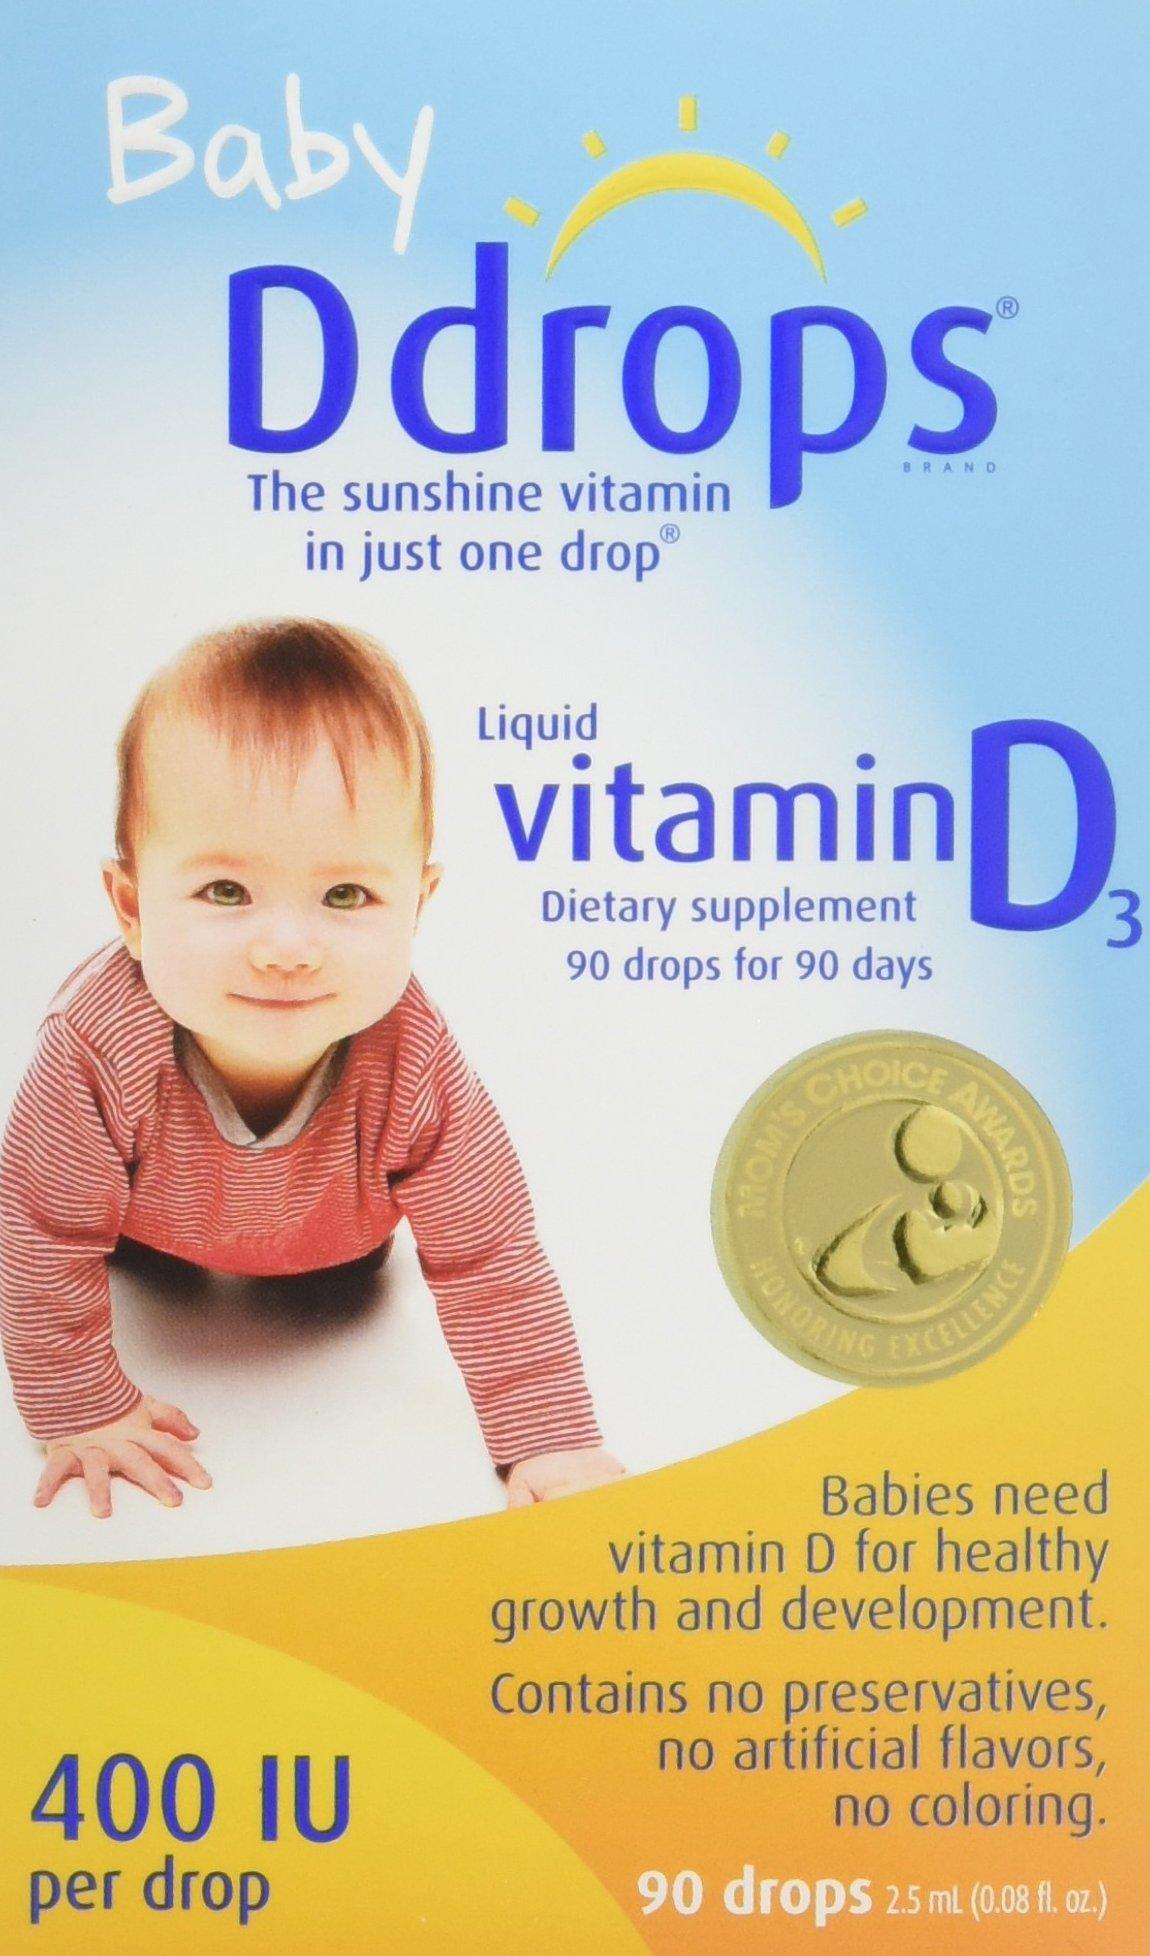 Ddrops Baby 400 IU, Vitamin D, 90 Drops